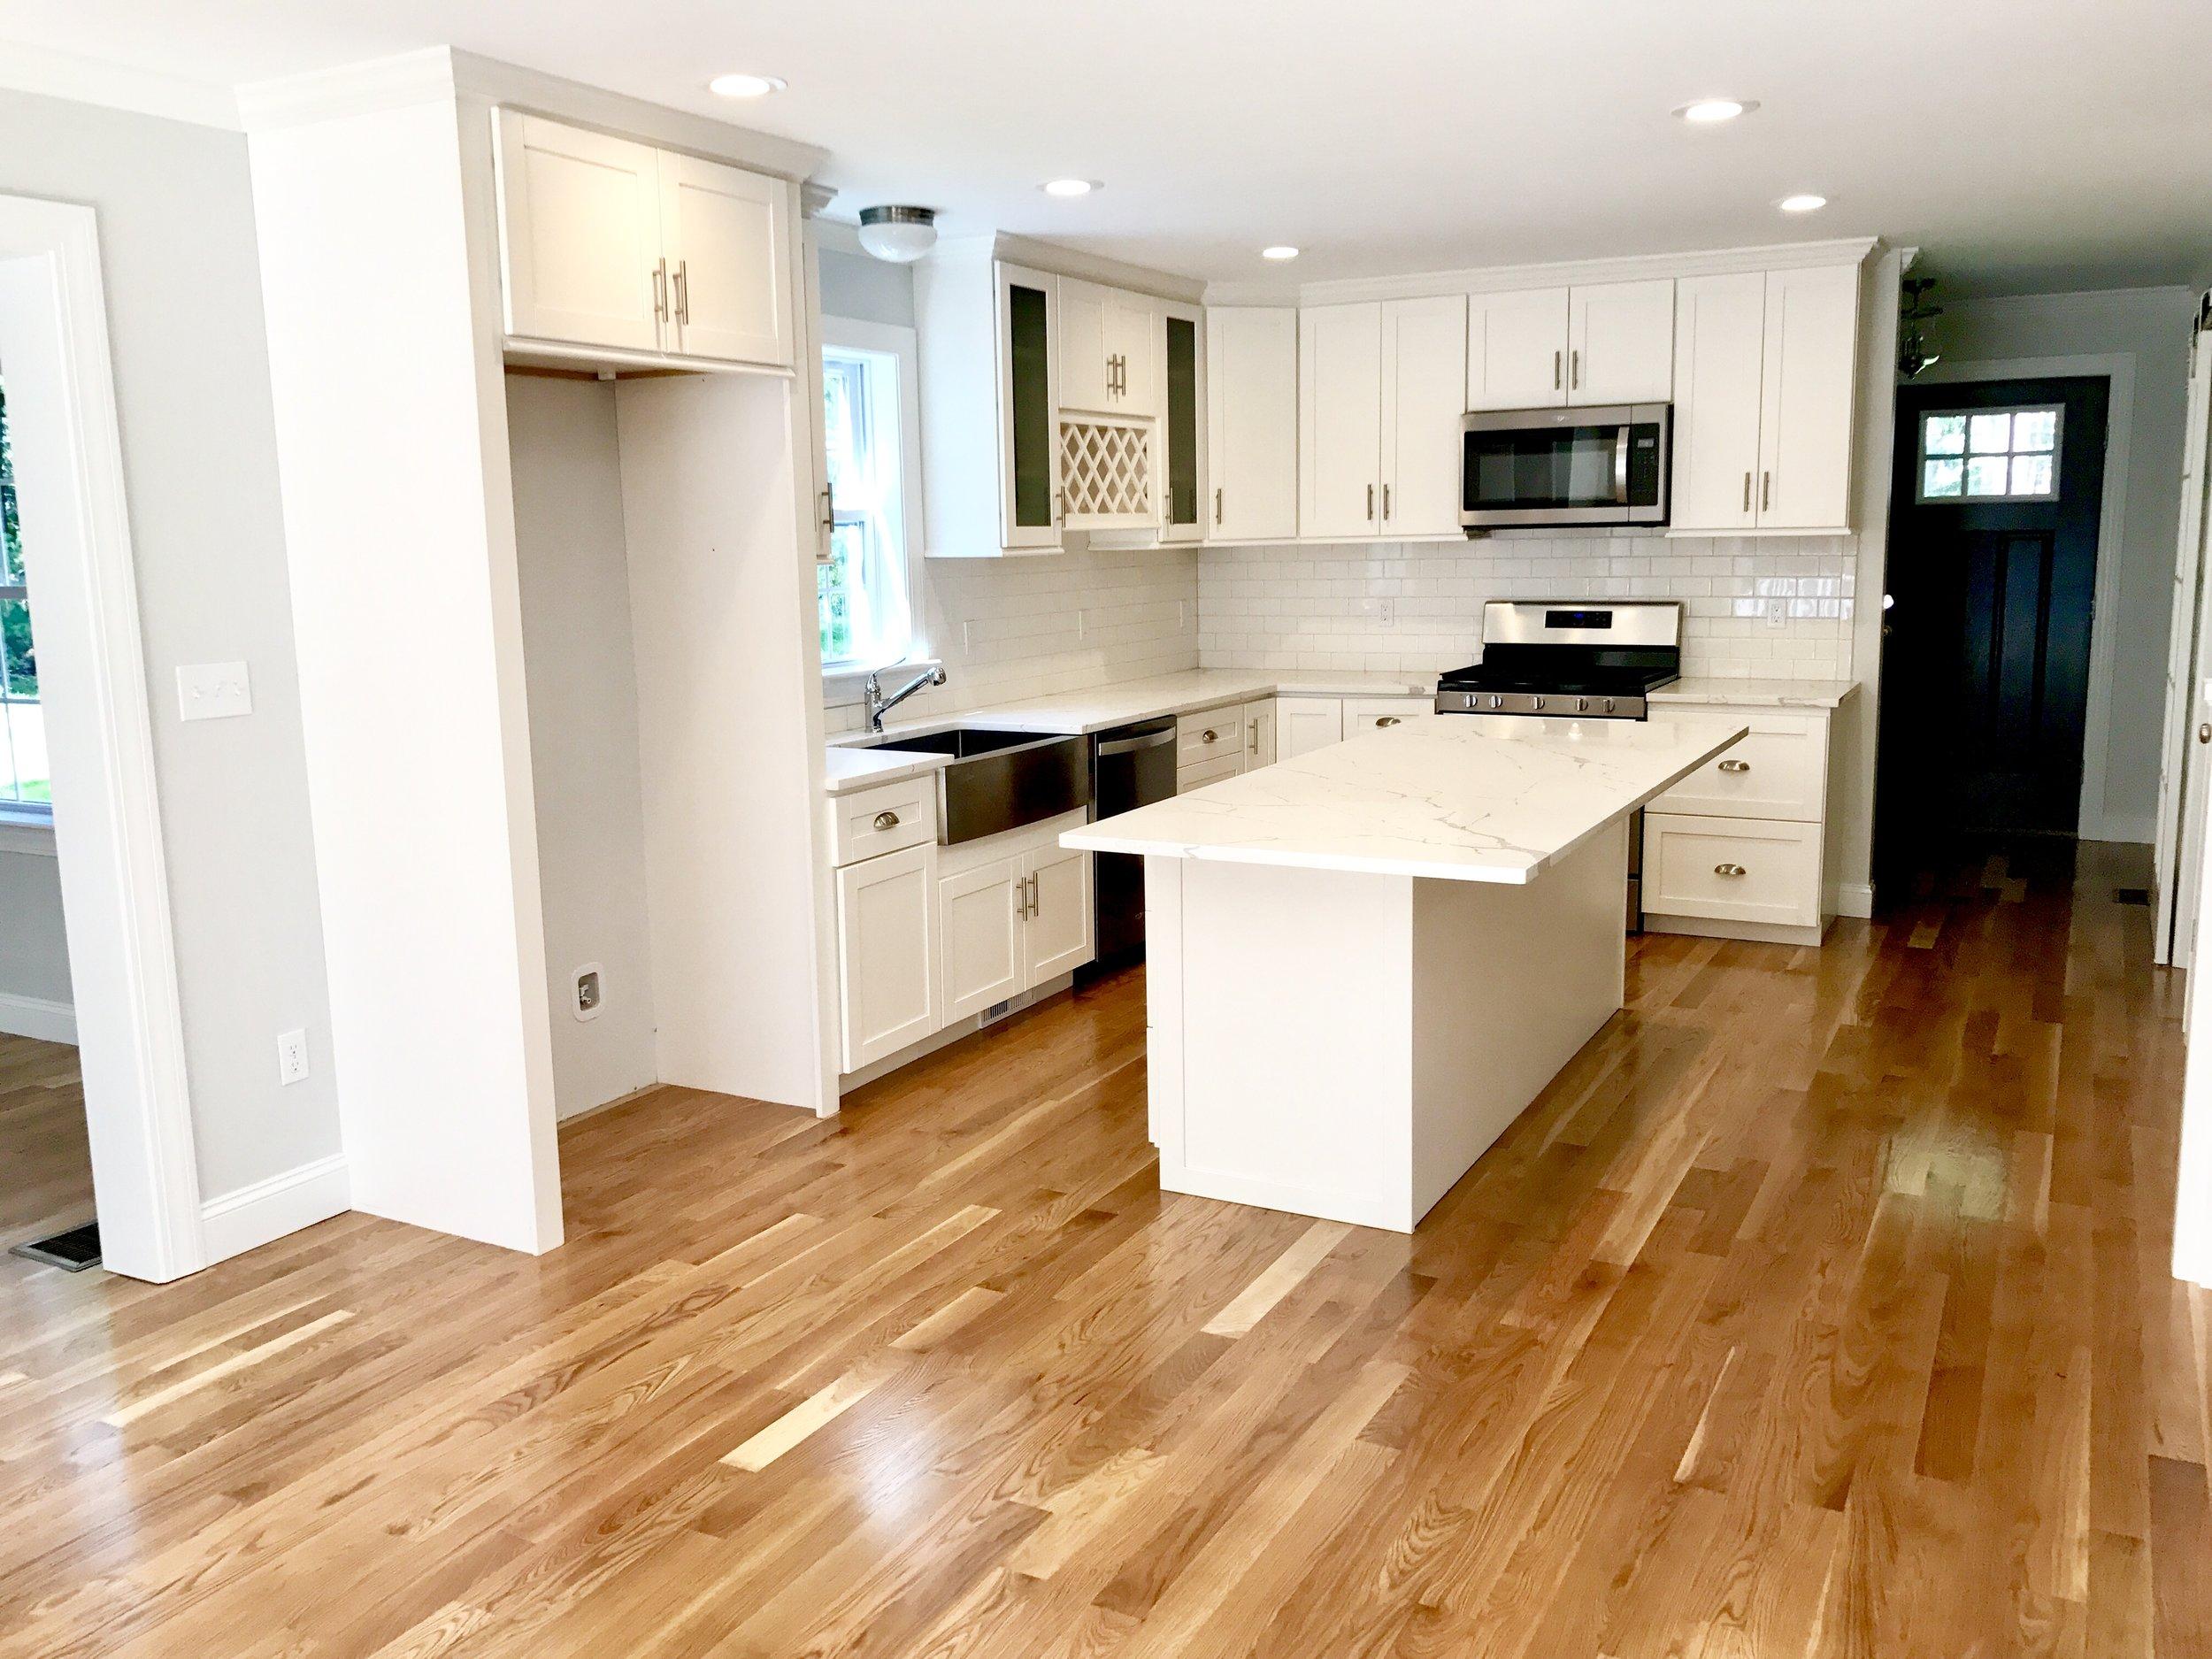 35 laurel kitchen 9-5-18.jpg